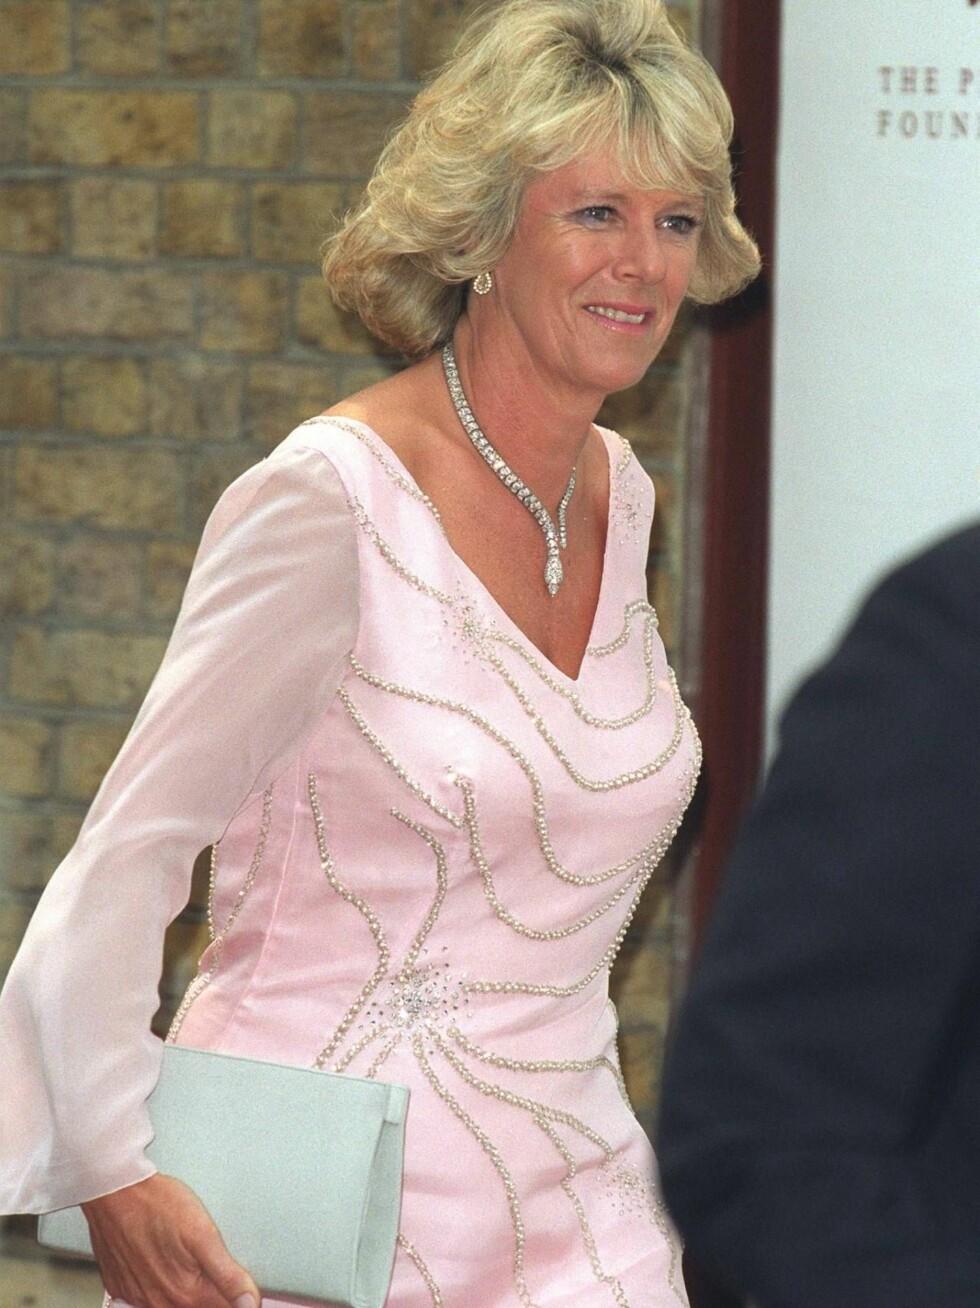 STRÅLER: Camilla er plutselig blitt flott, sier magasinet Tatler. Foto: All Over